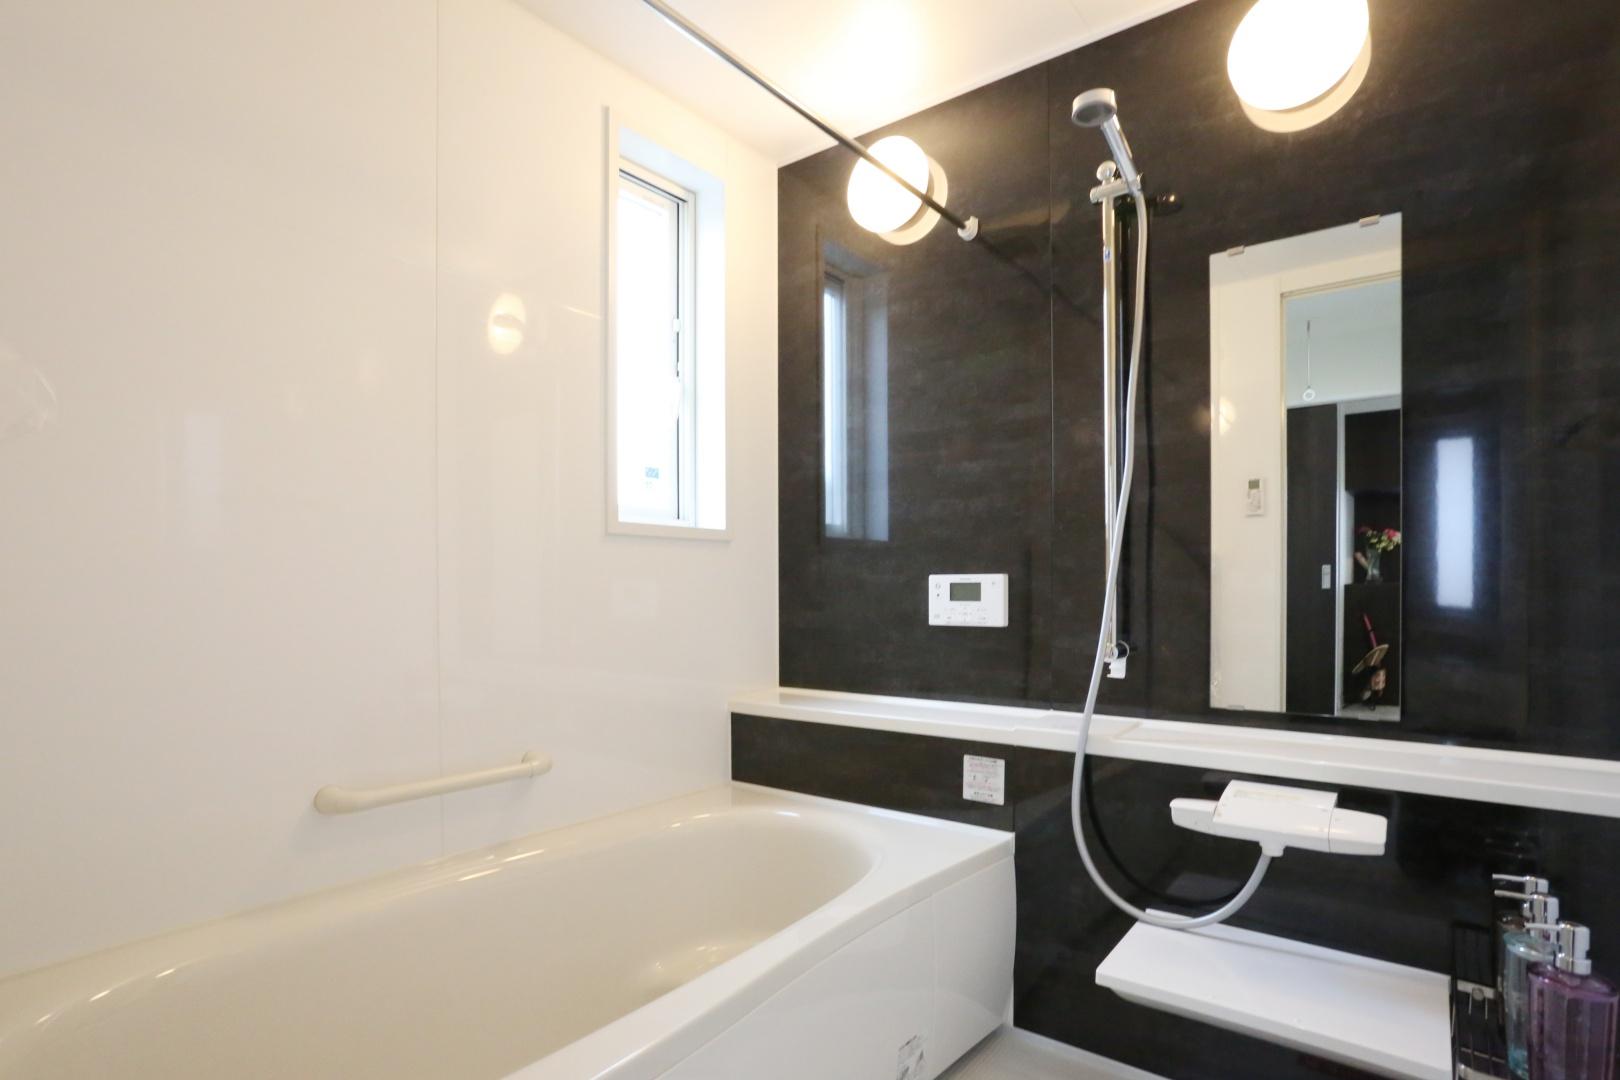 お子さんと一緒に入ってもゆったりした空間。 約1,25坪の広めの浴室には暖房乾燥機もついています!